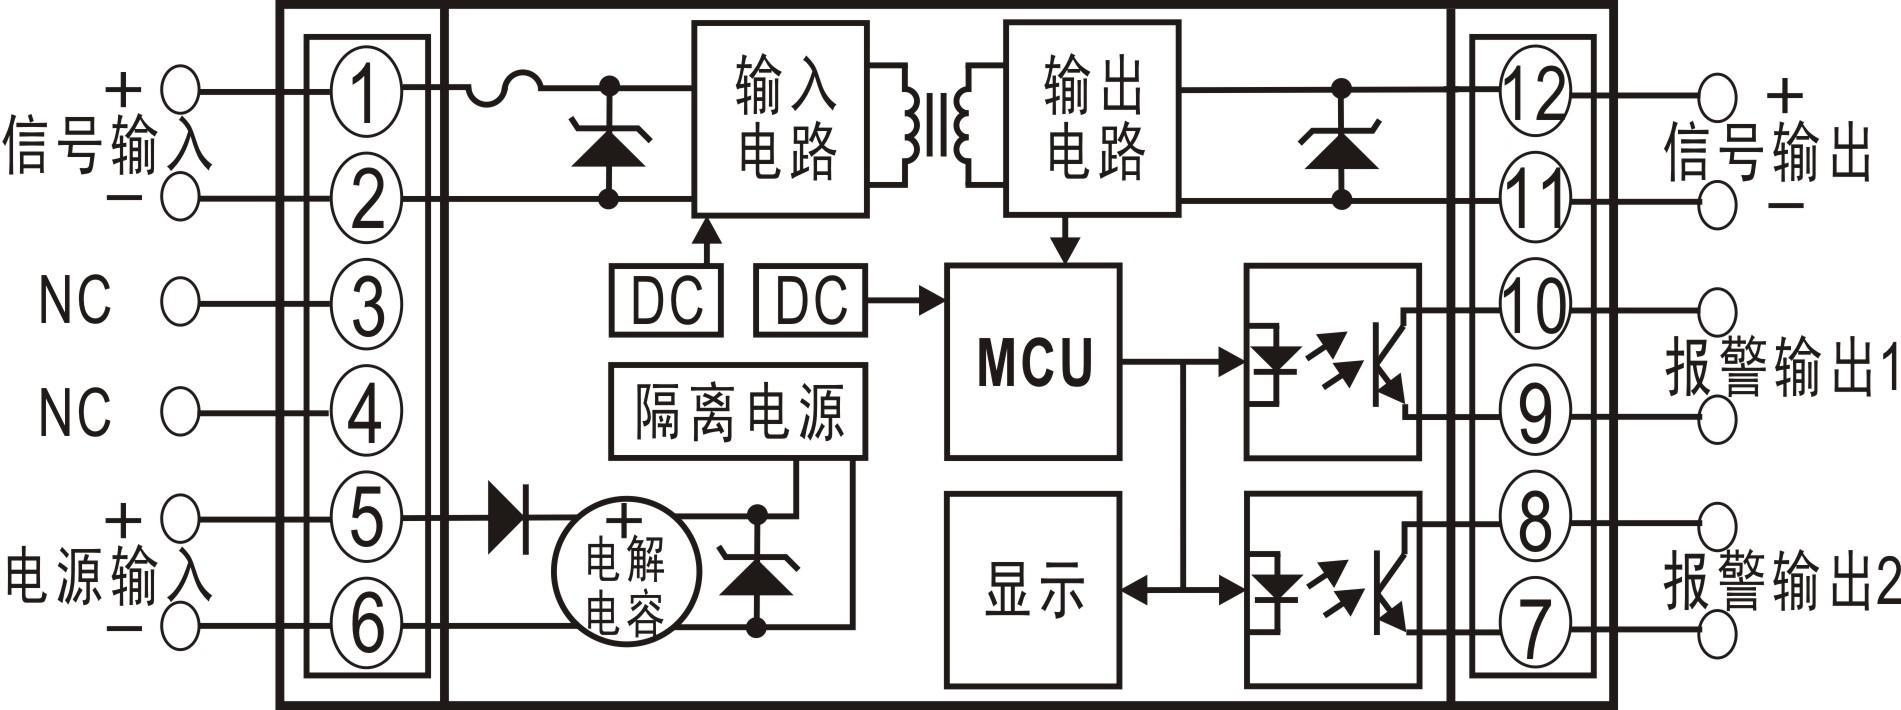 emh系列隔离放大器是一种磁电隔离的混合集成电路